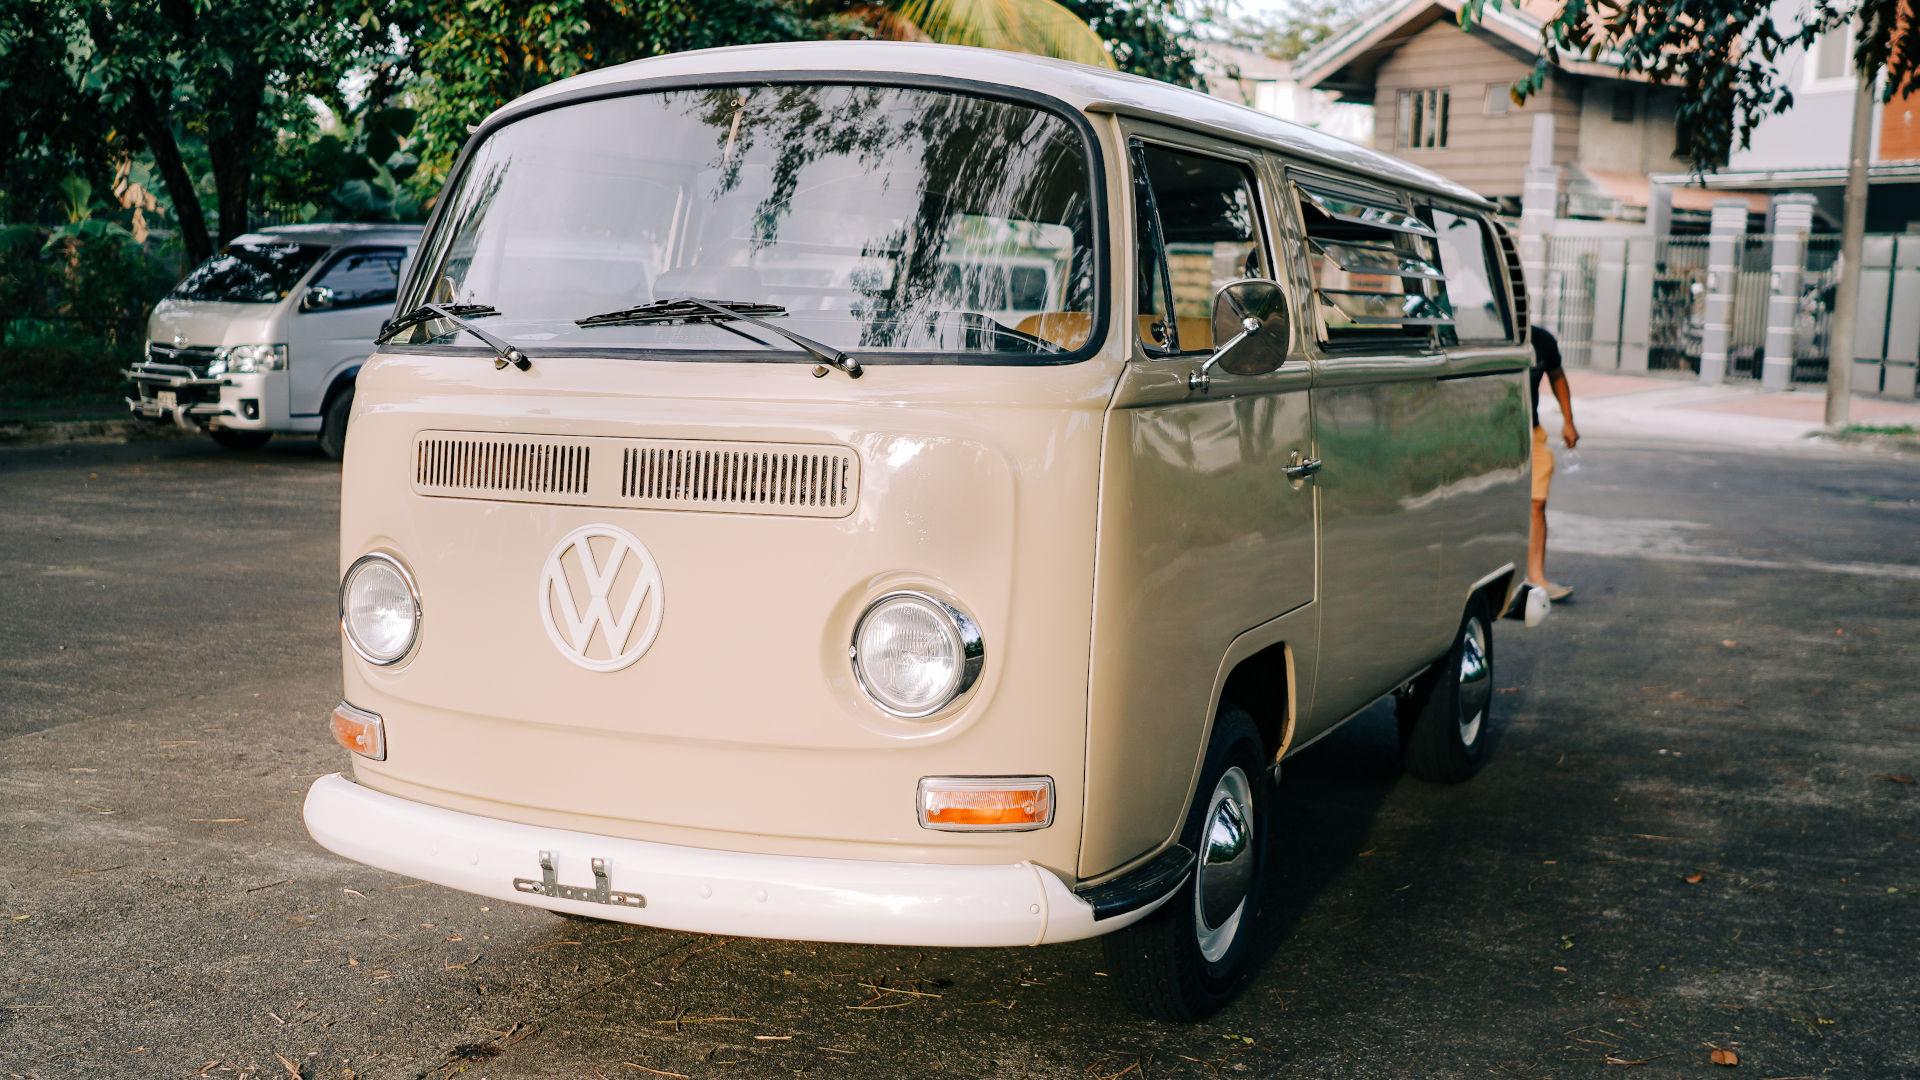 Volkswagen Type 2 front view